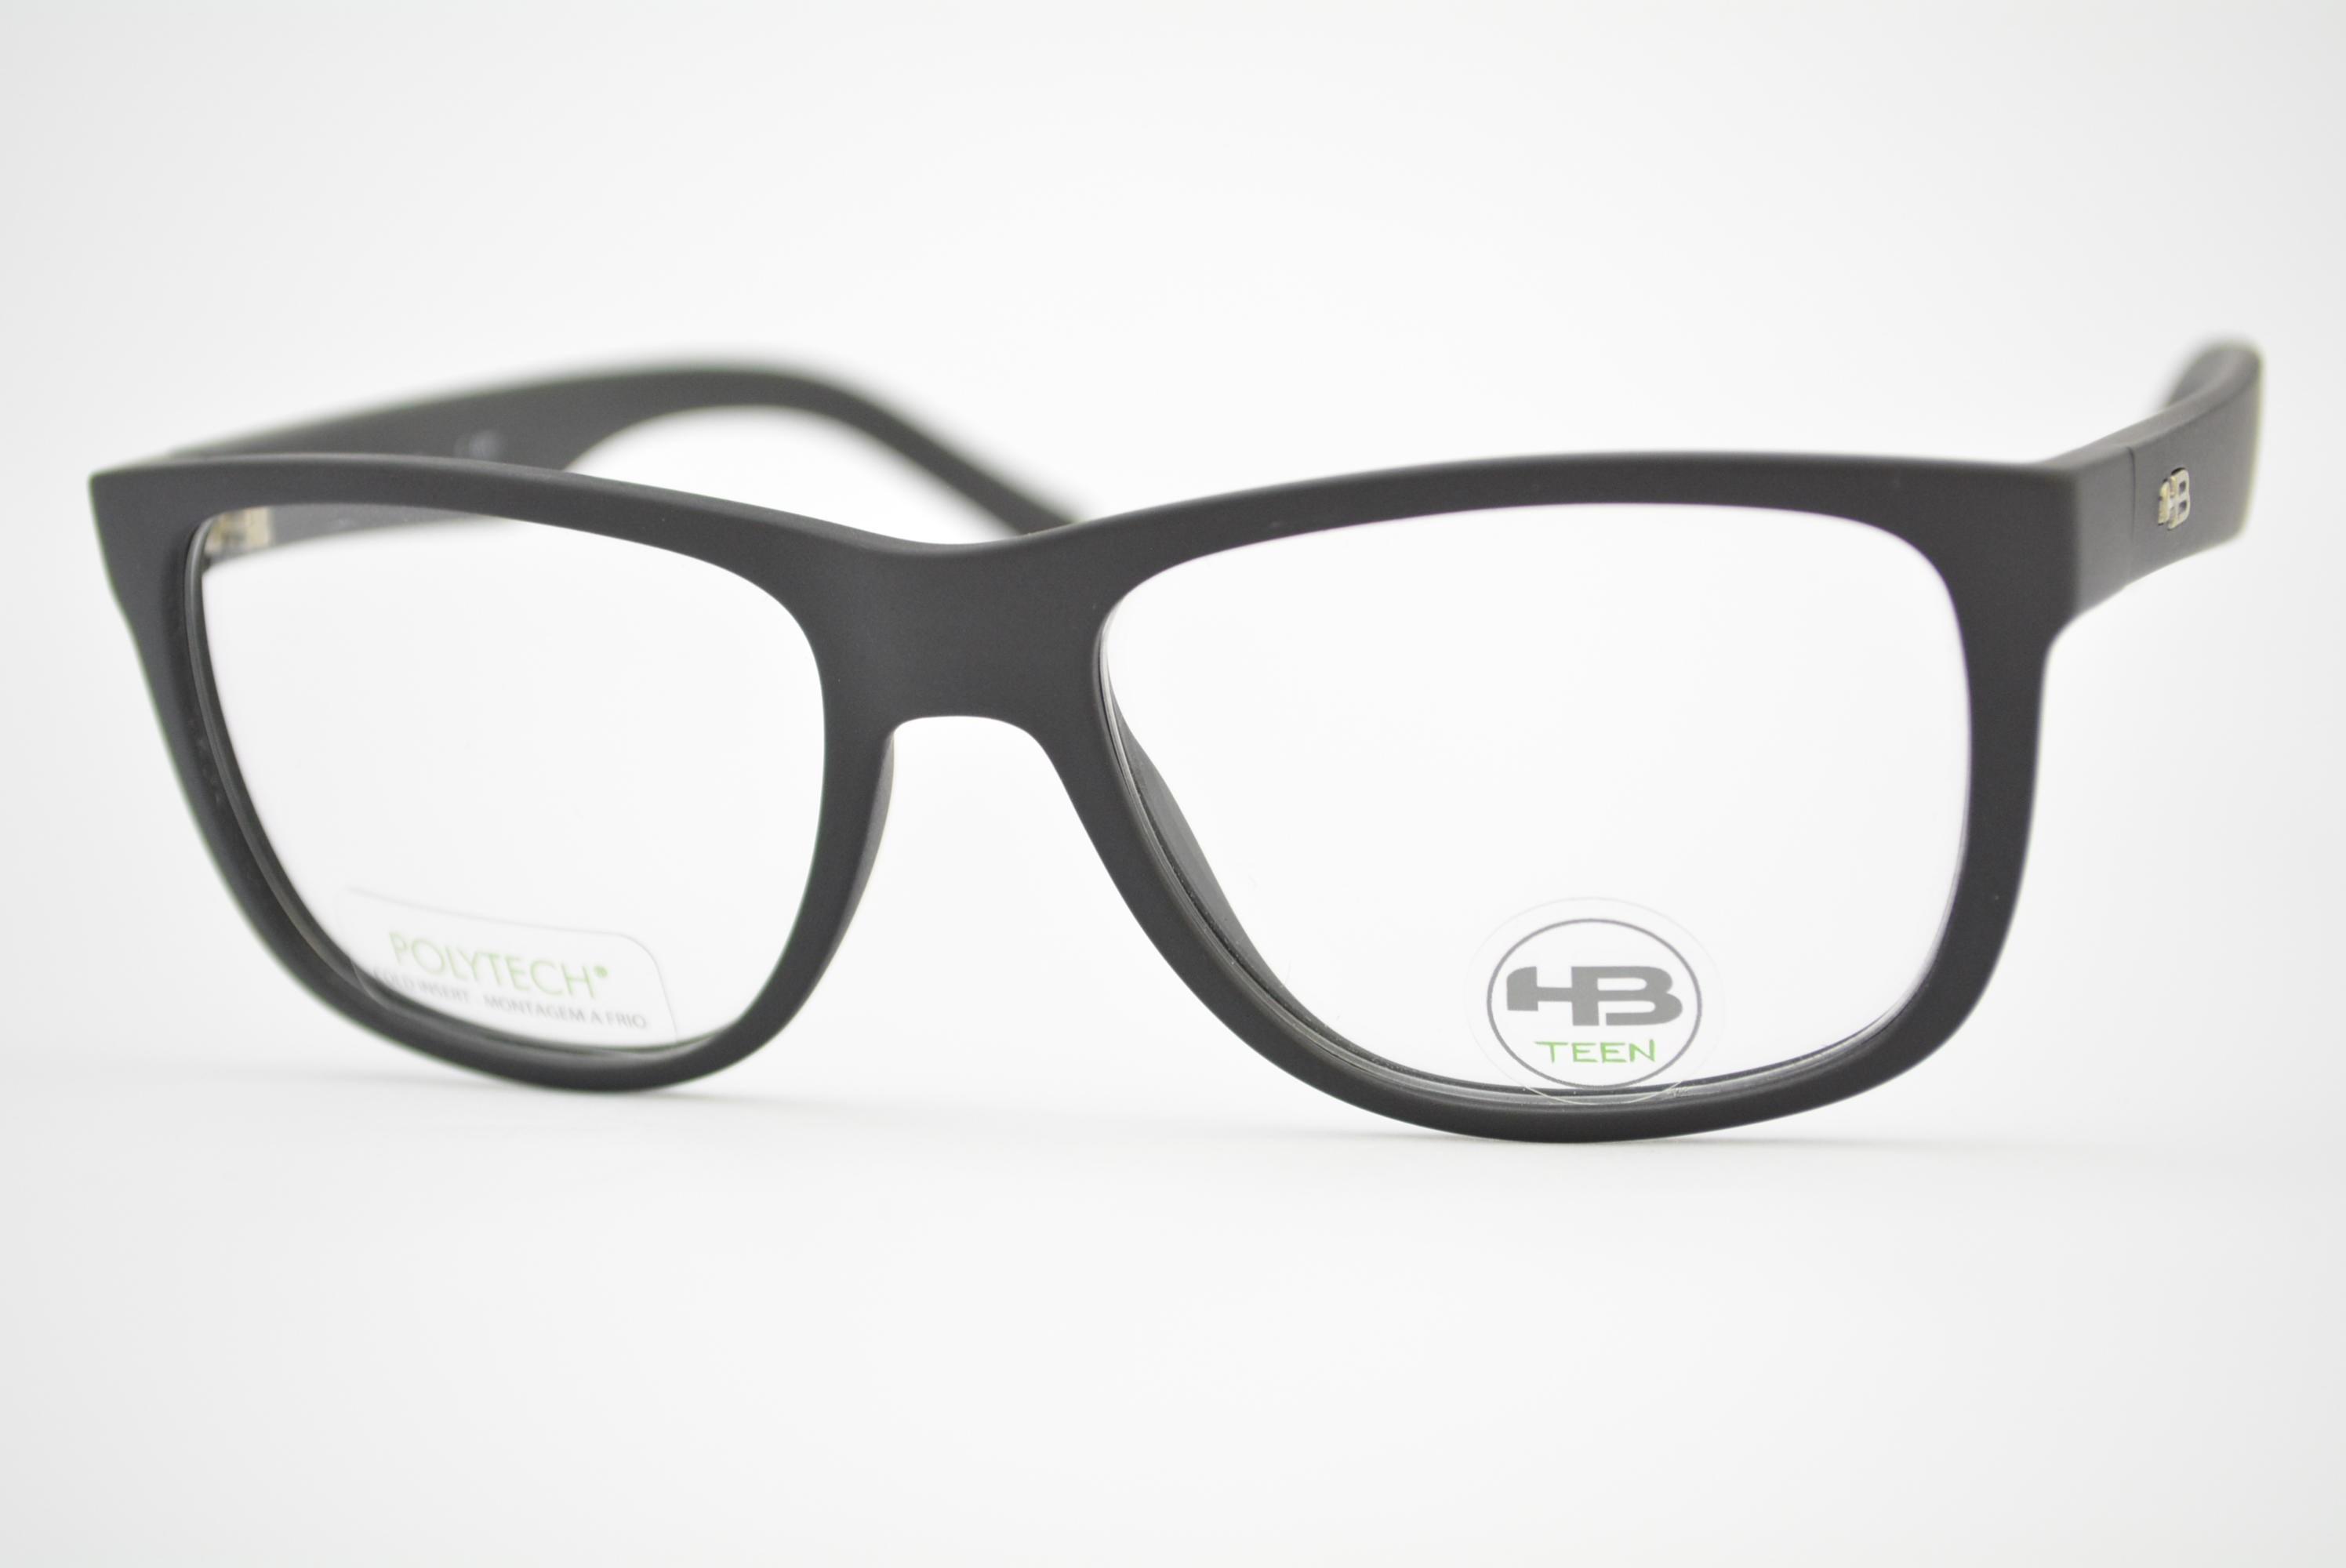 armação de óculos HB Teen mod m93132 c001 Ótica Cardoso 7955c1e44b